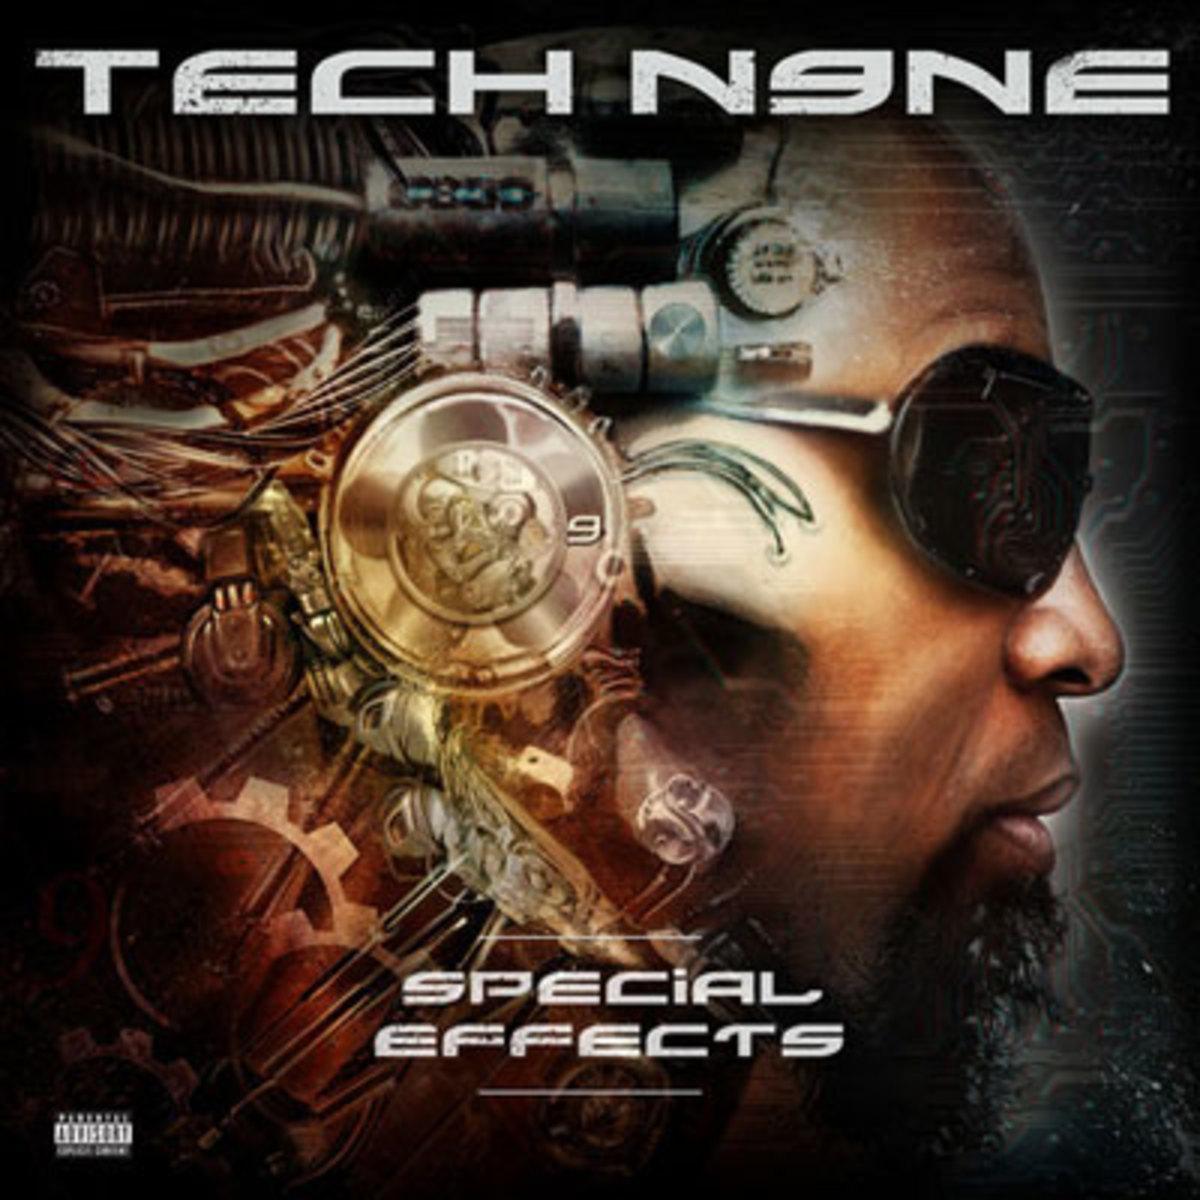 techn9ne-specialeffects.jpg